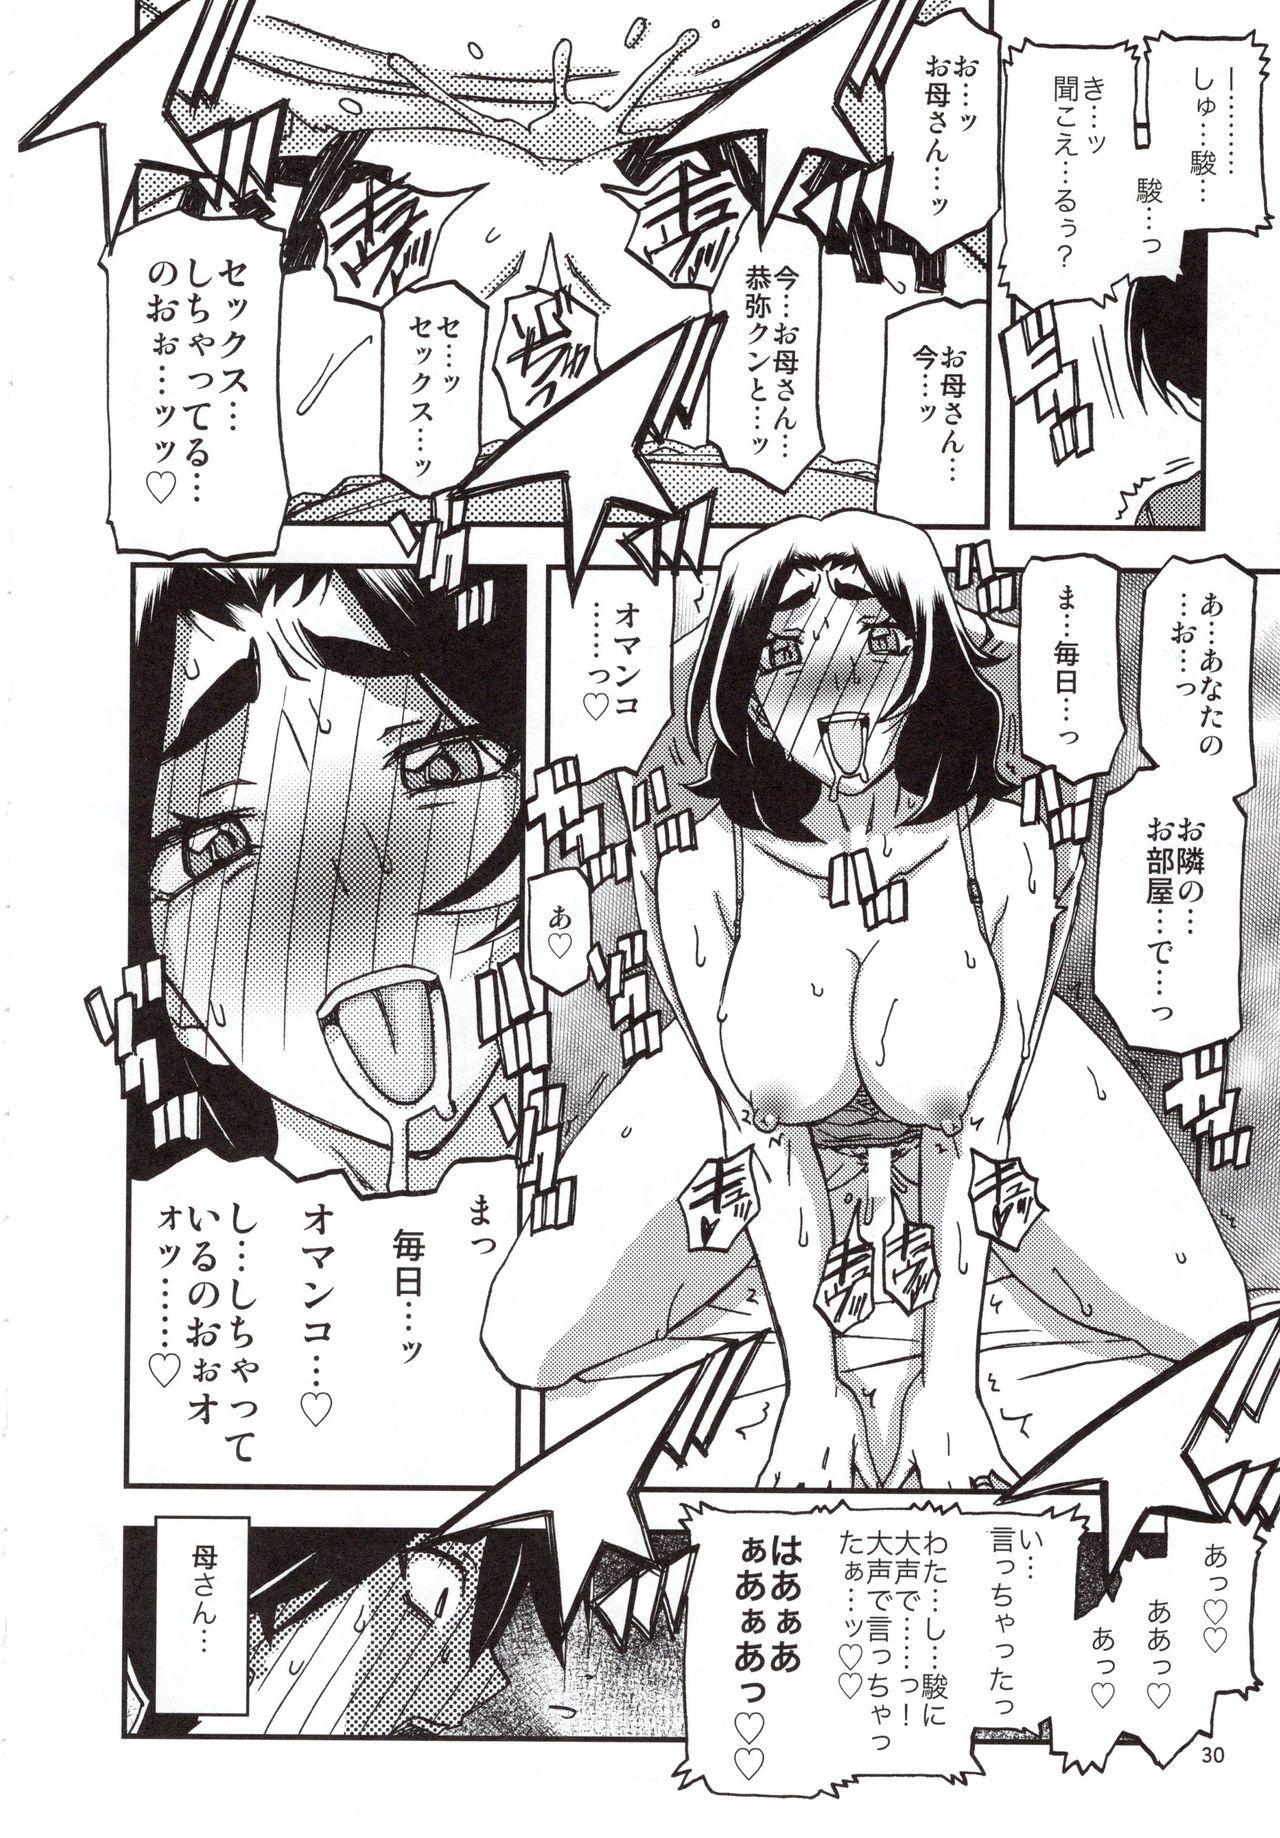 Yama Hime no Mi Orie 28